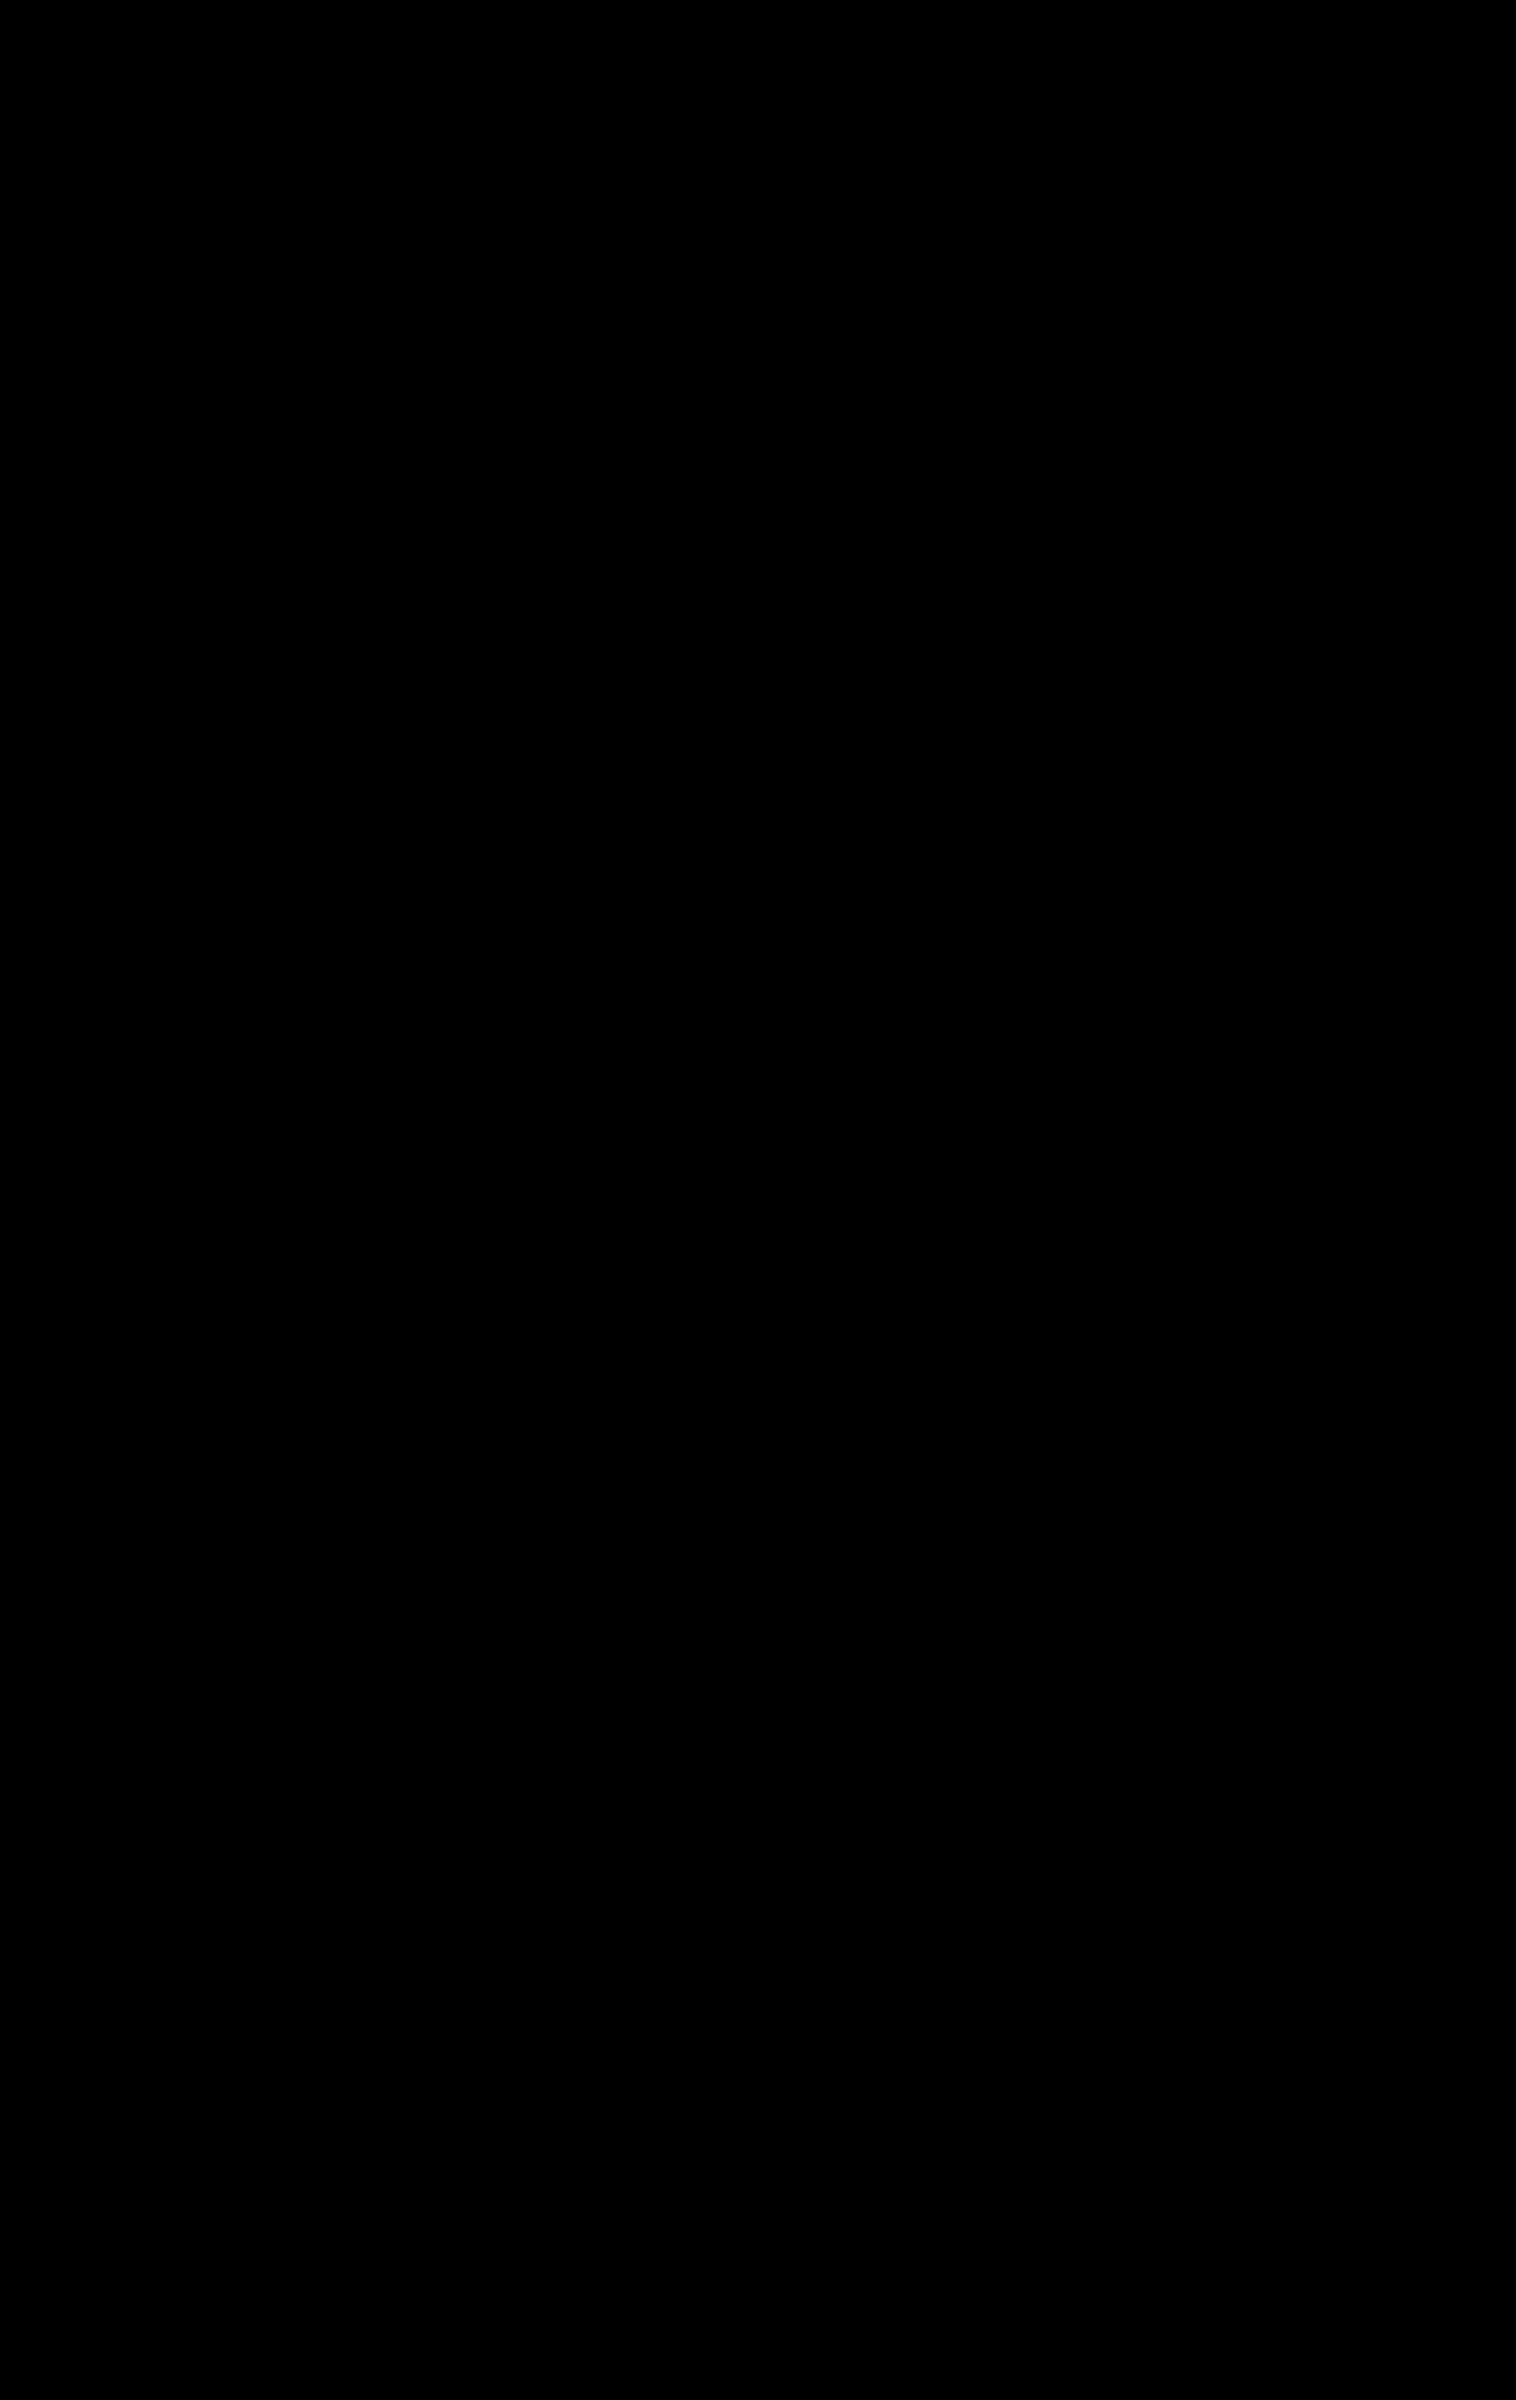 Clipart Vibrator SFW